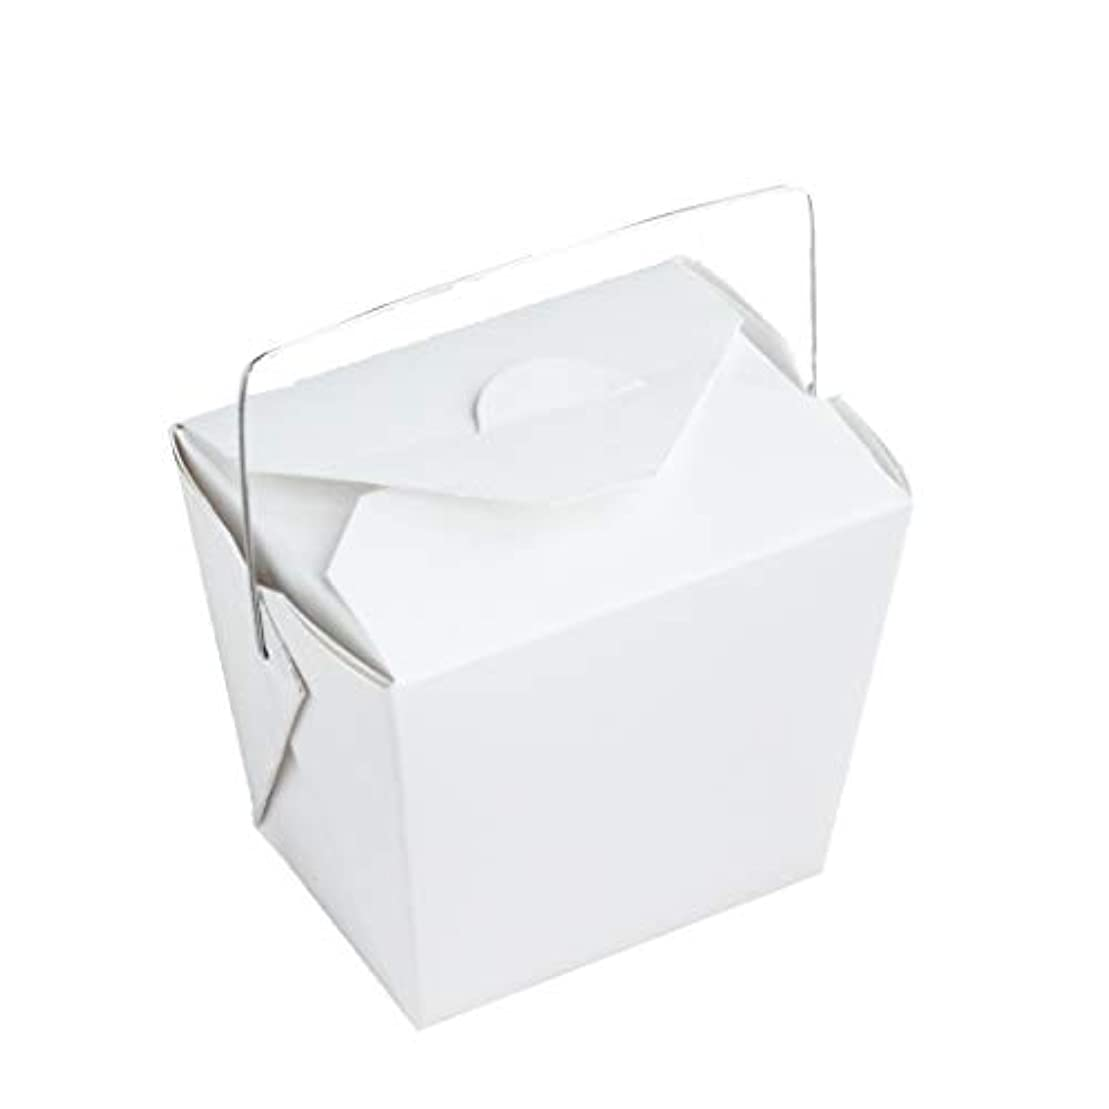 カンガルーオールマダム手作り石けん用 ワイヤー取っ手付きホワイトペーパー型